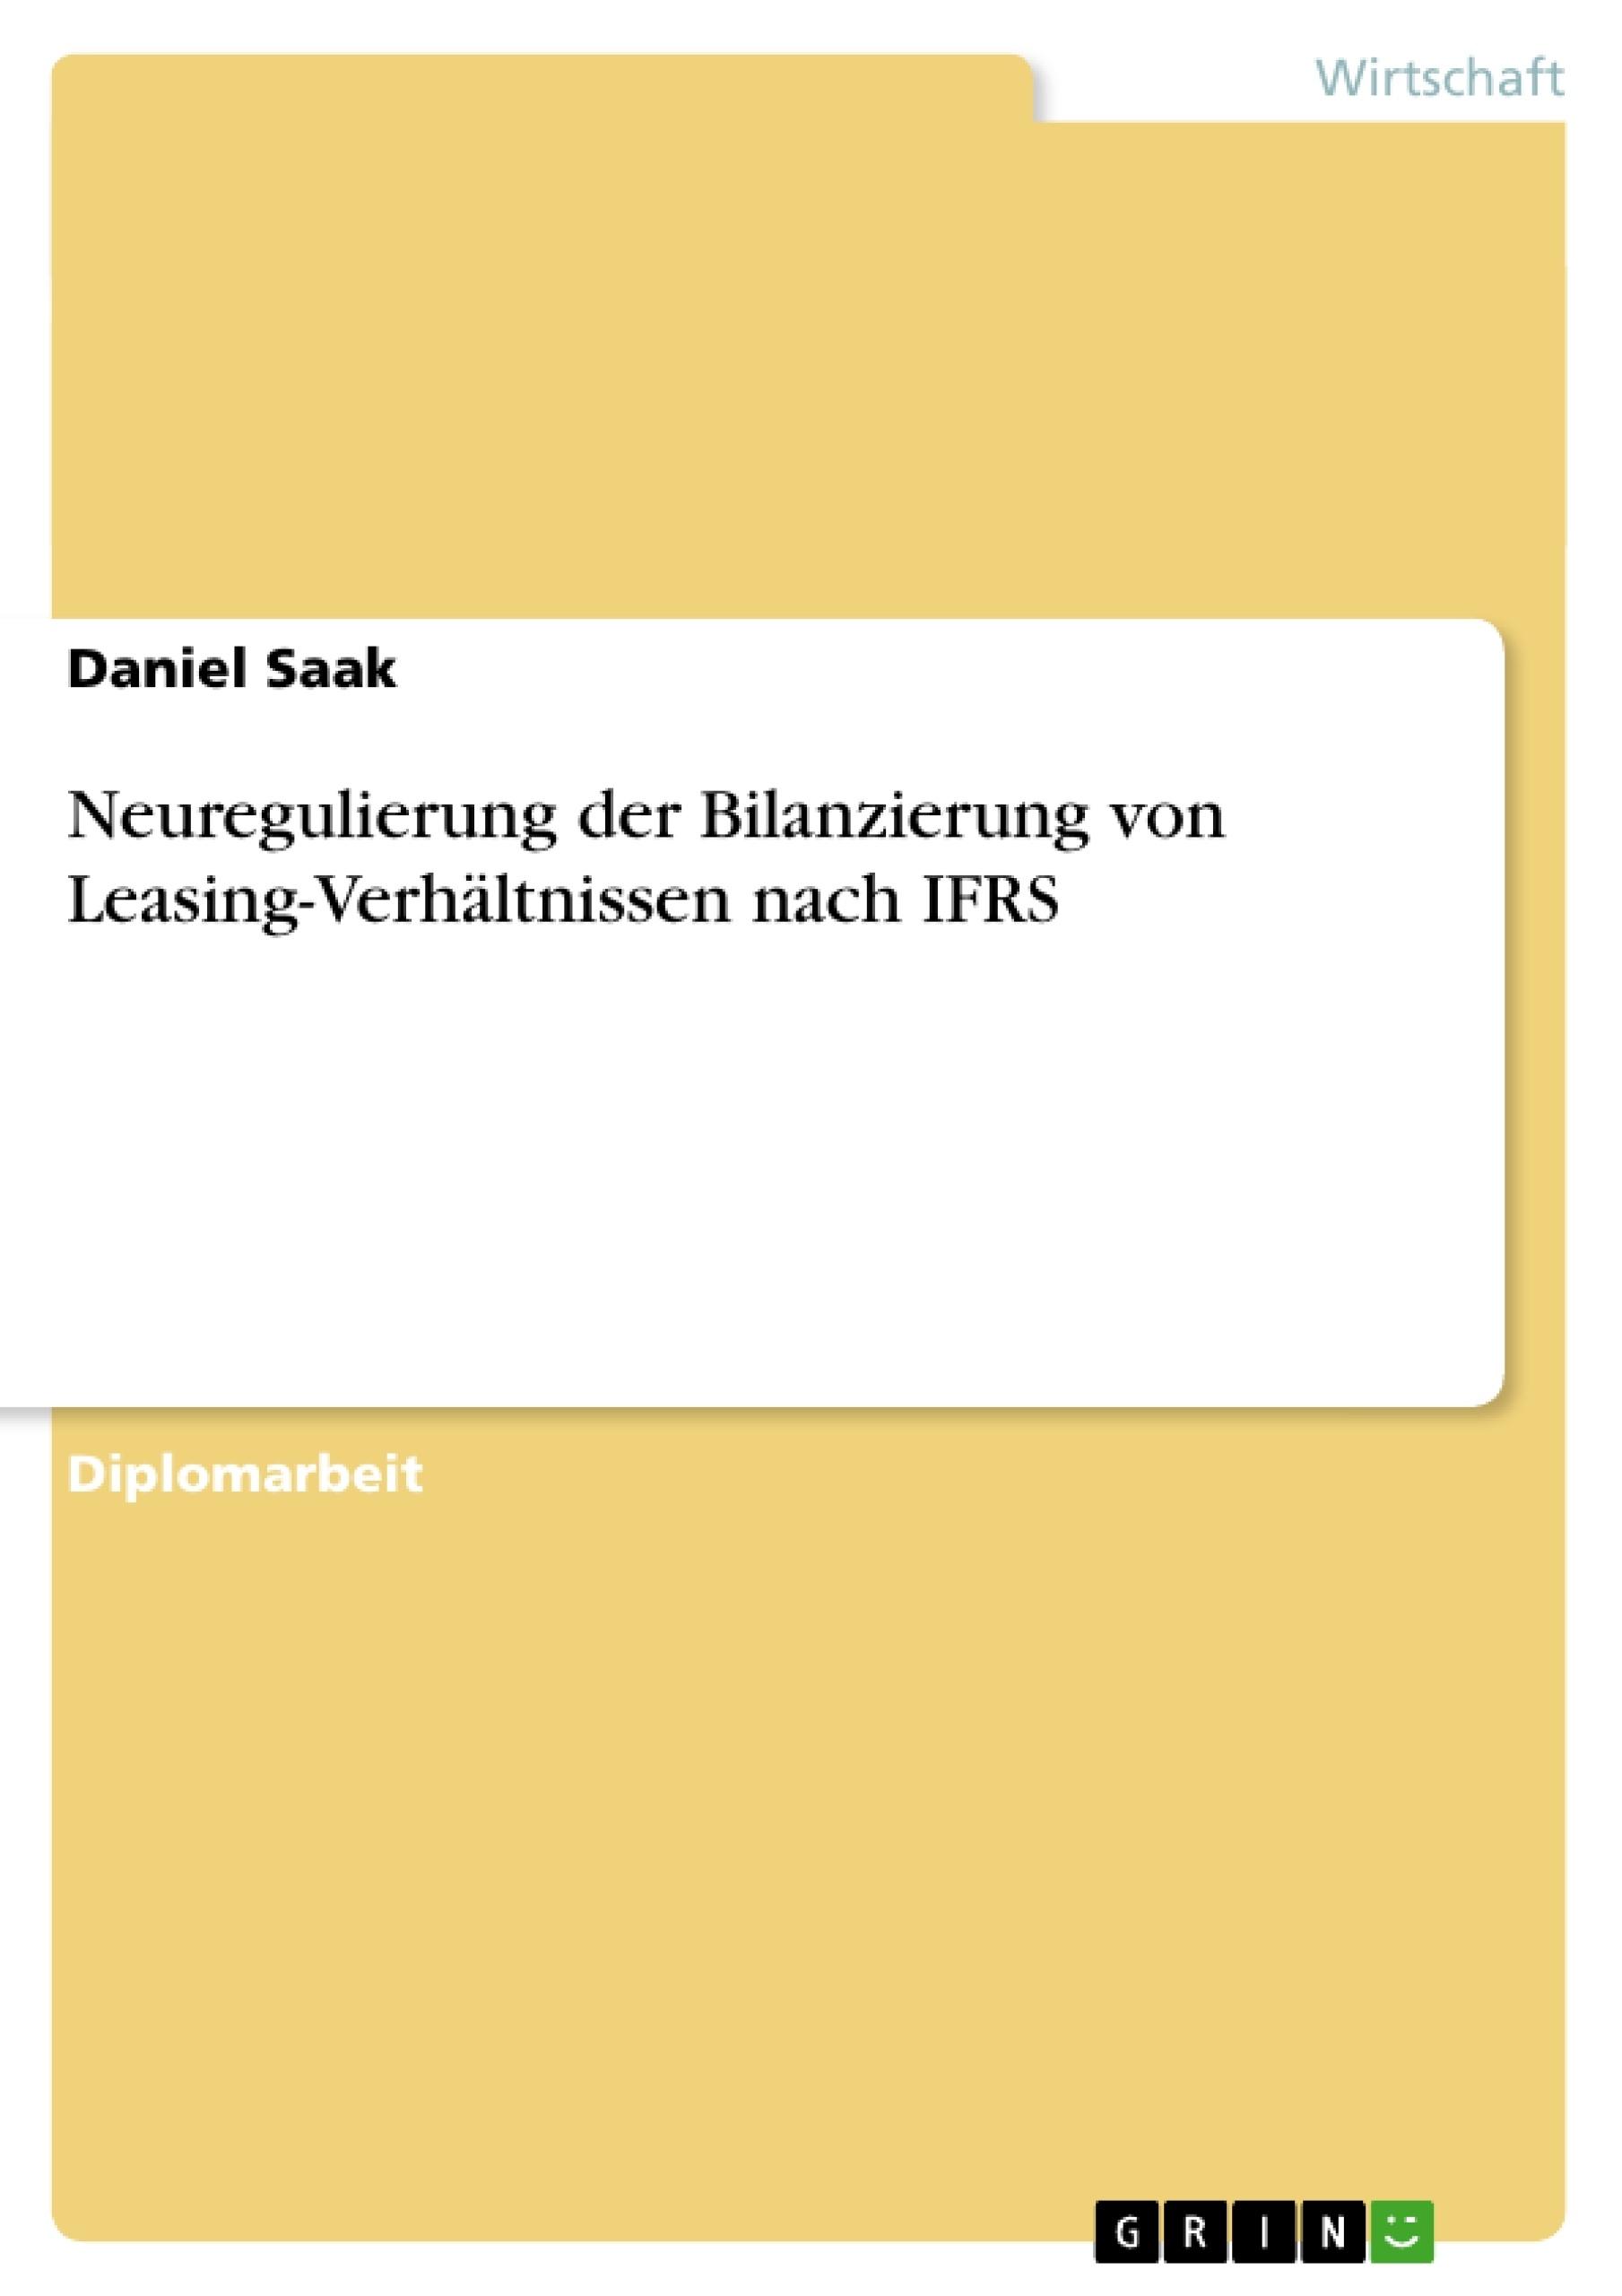 Titel: Neuregulierung der Bilanzierung von Leasing-Verhältnissen nach IFRS